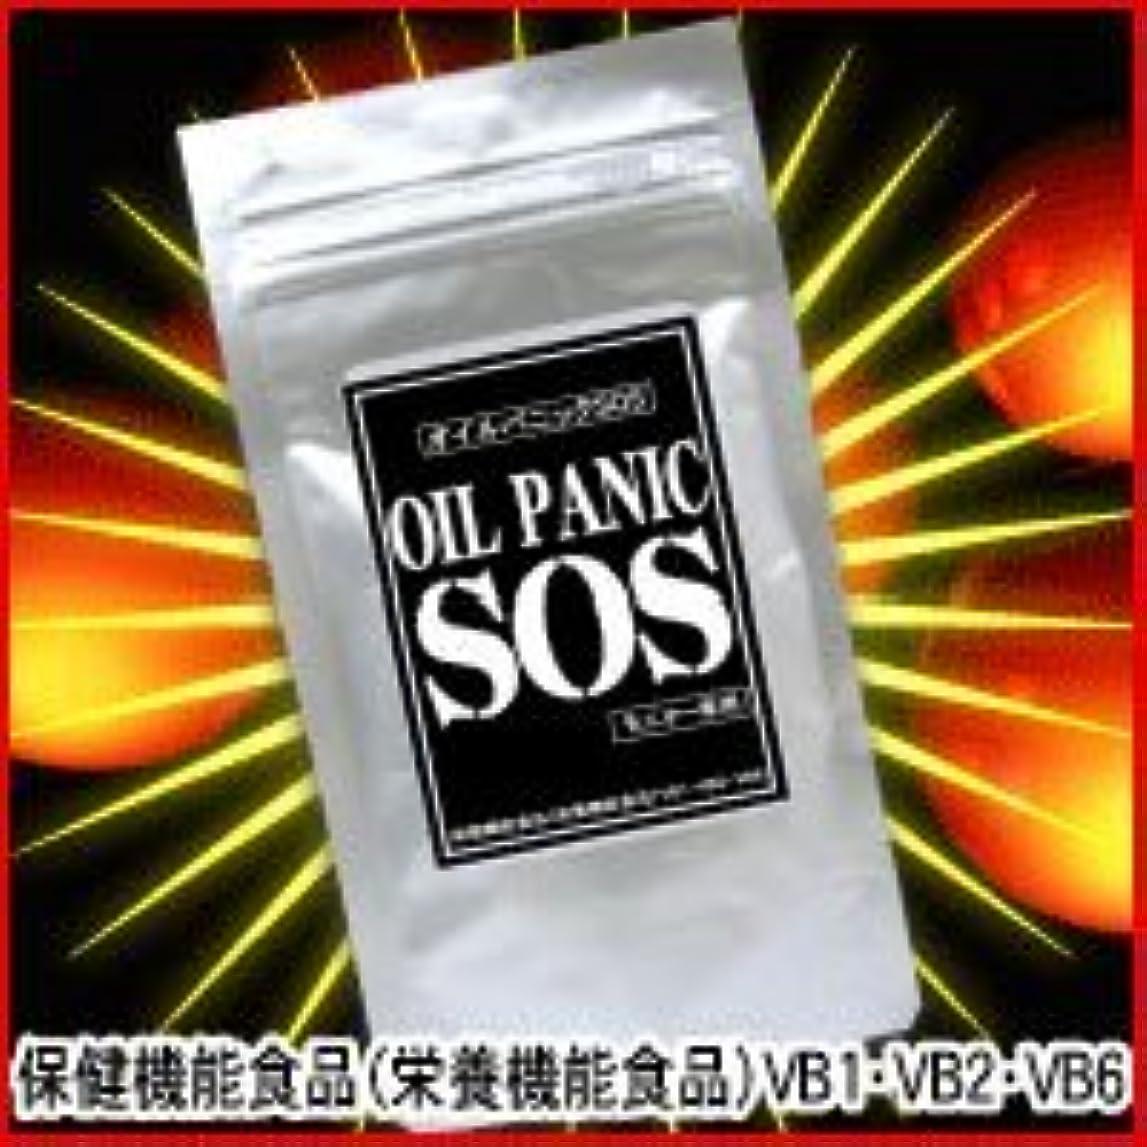 雇う分析する極めて重要なオイルパニックSOS 550mg×90粒